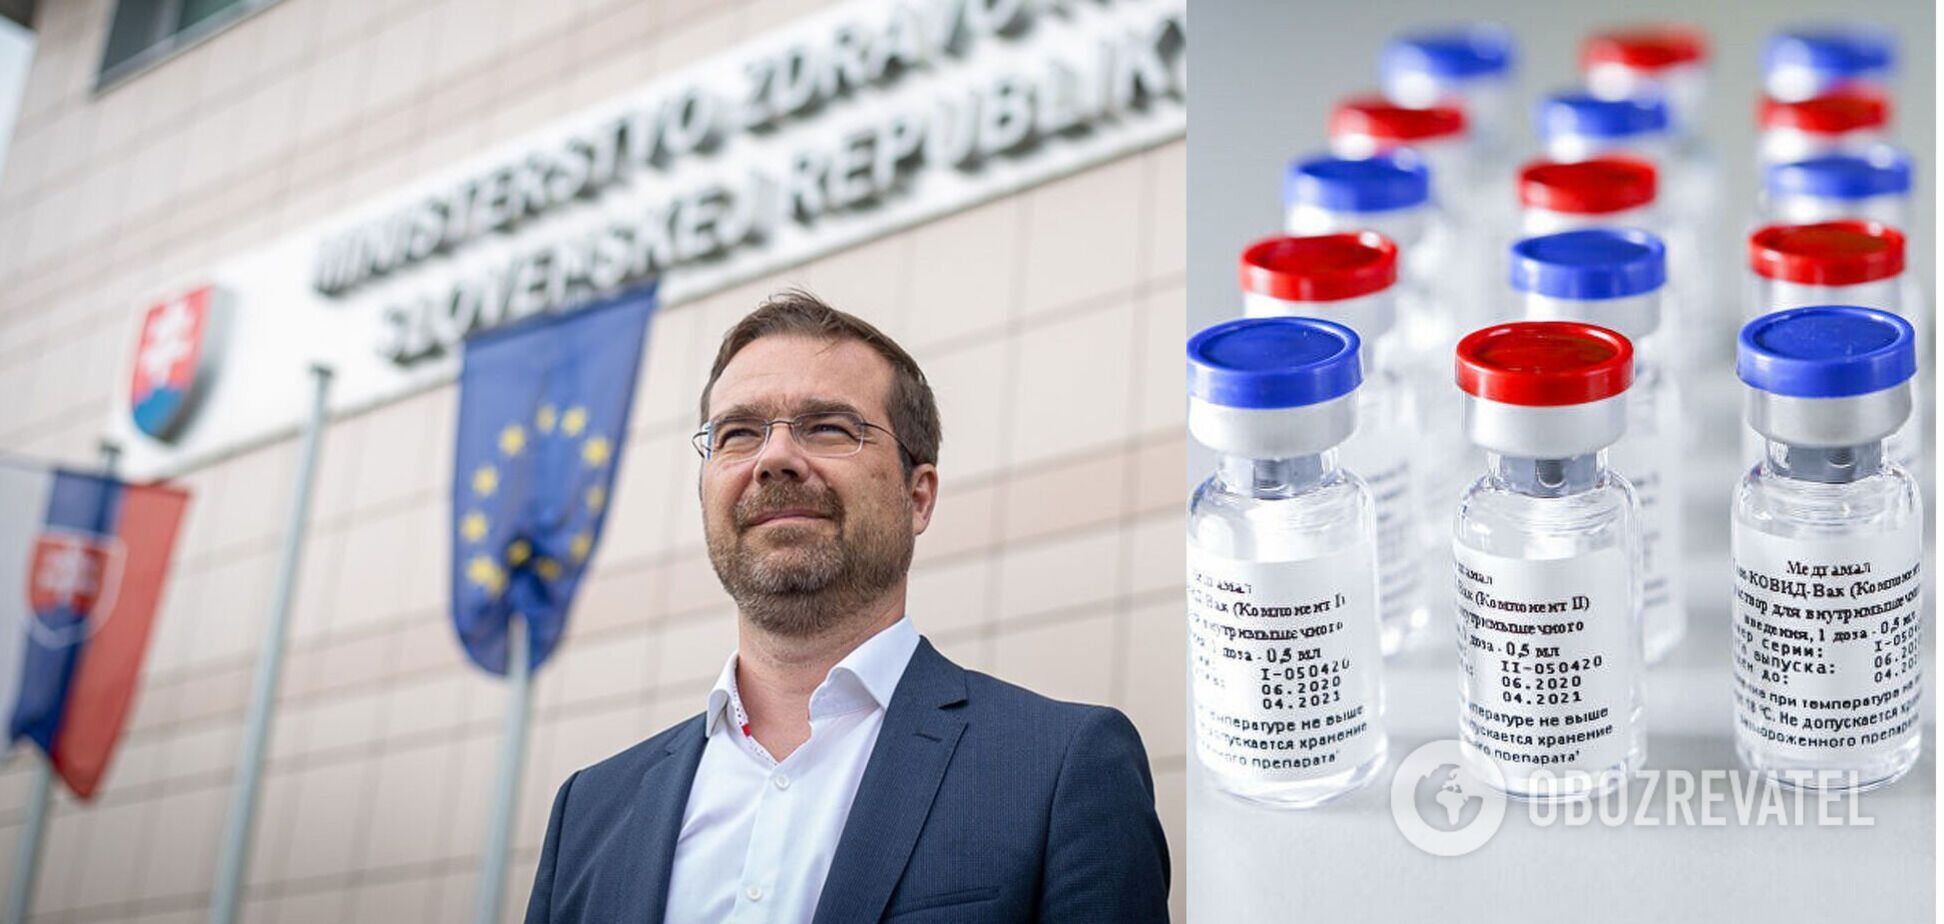 В Словакии министр здравоохранения ушел в отставку из-за российской вакцины против COVID-19